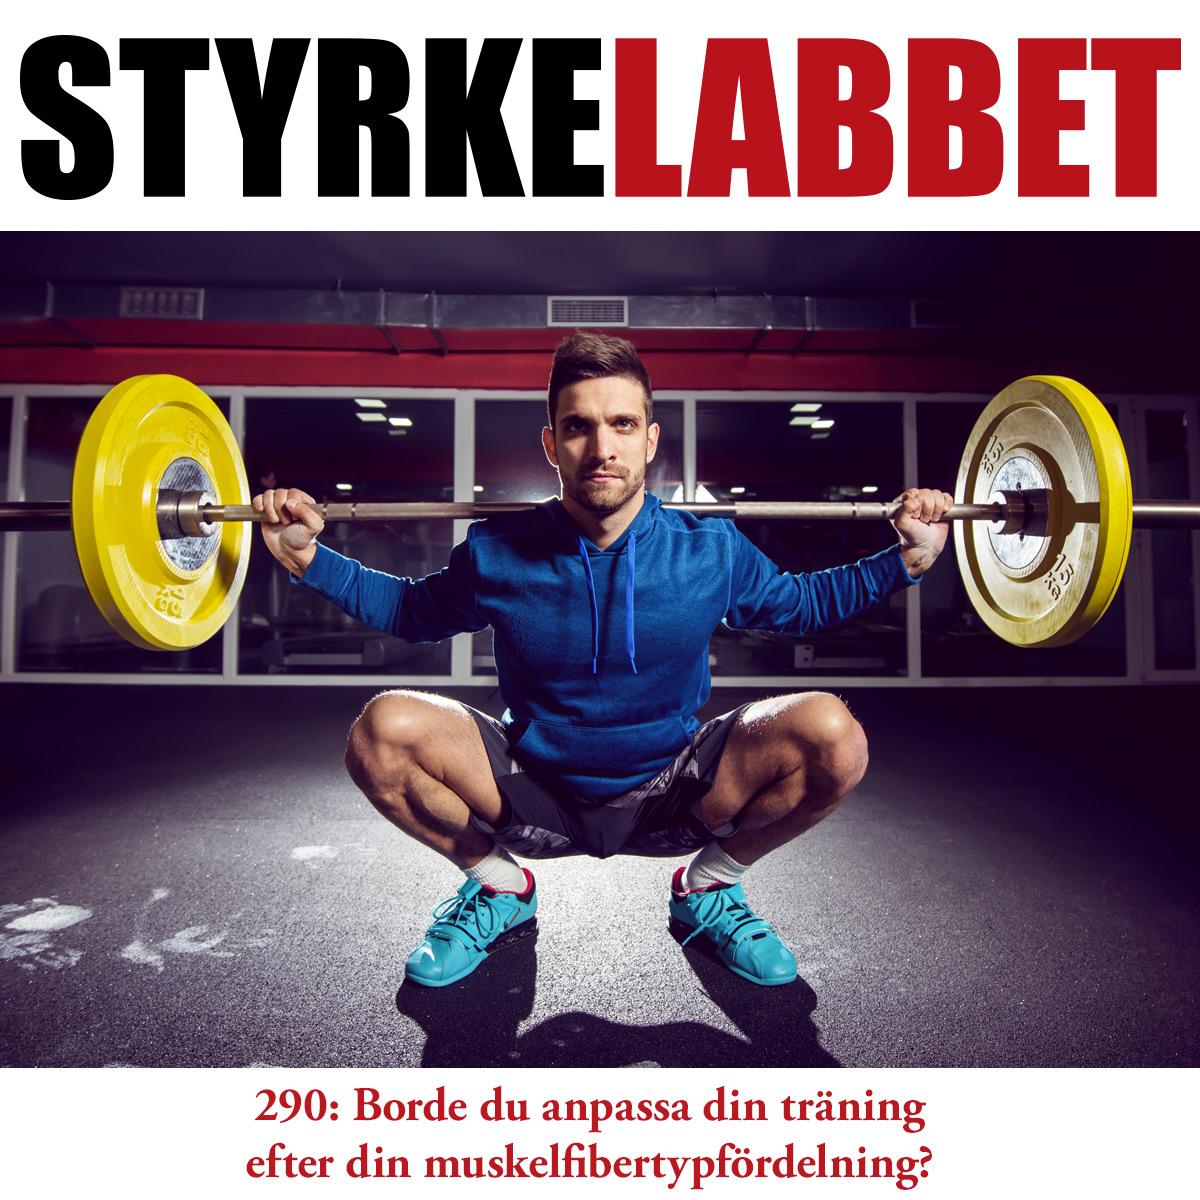 Styrkelabbet avsnitt 290: Borde du anpassa din träning efter din muskelfibertypfördelning?